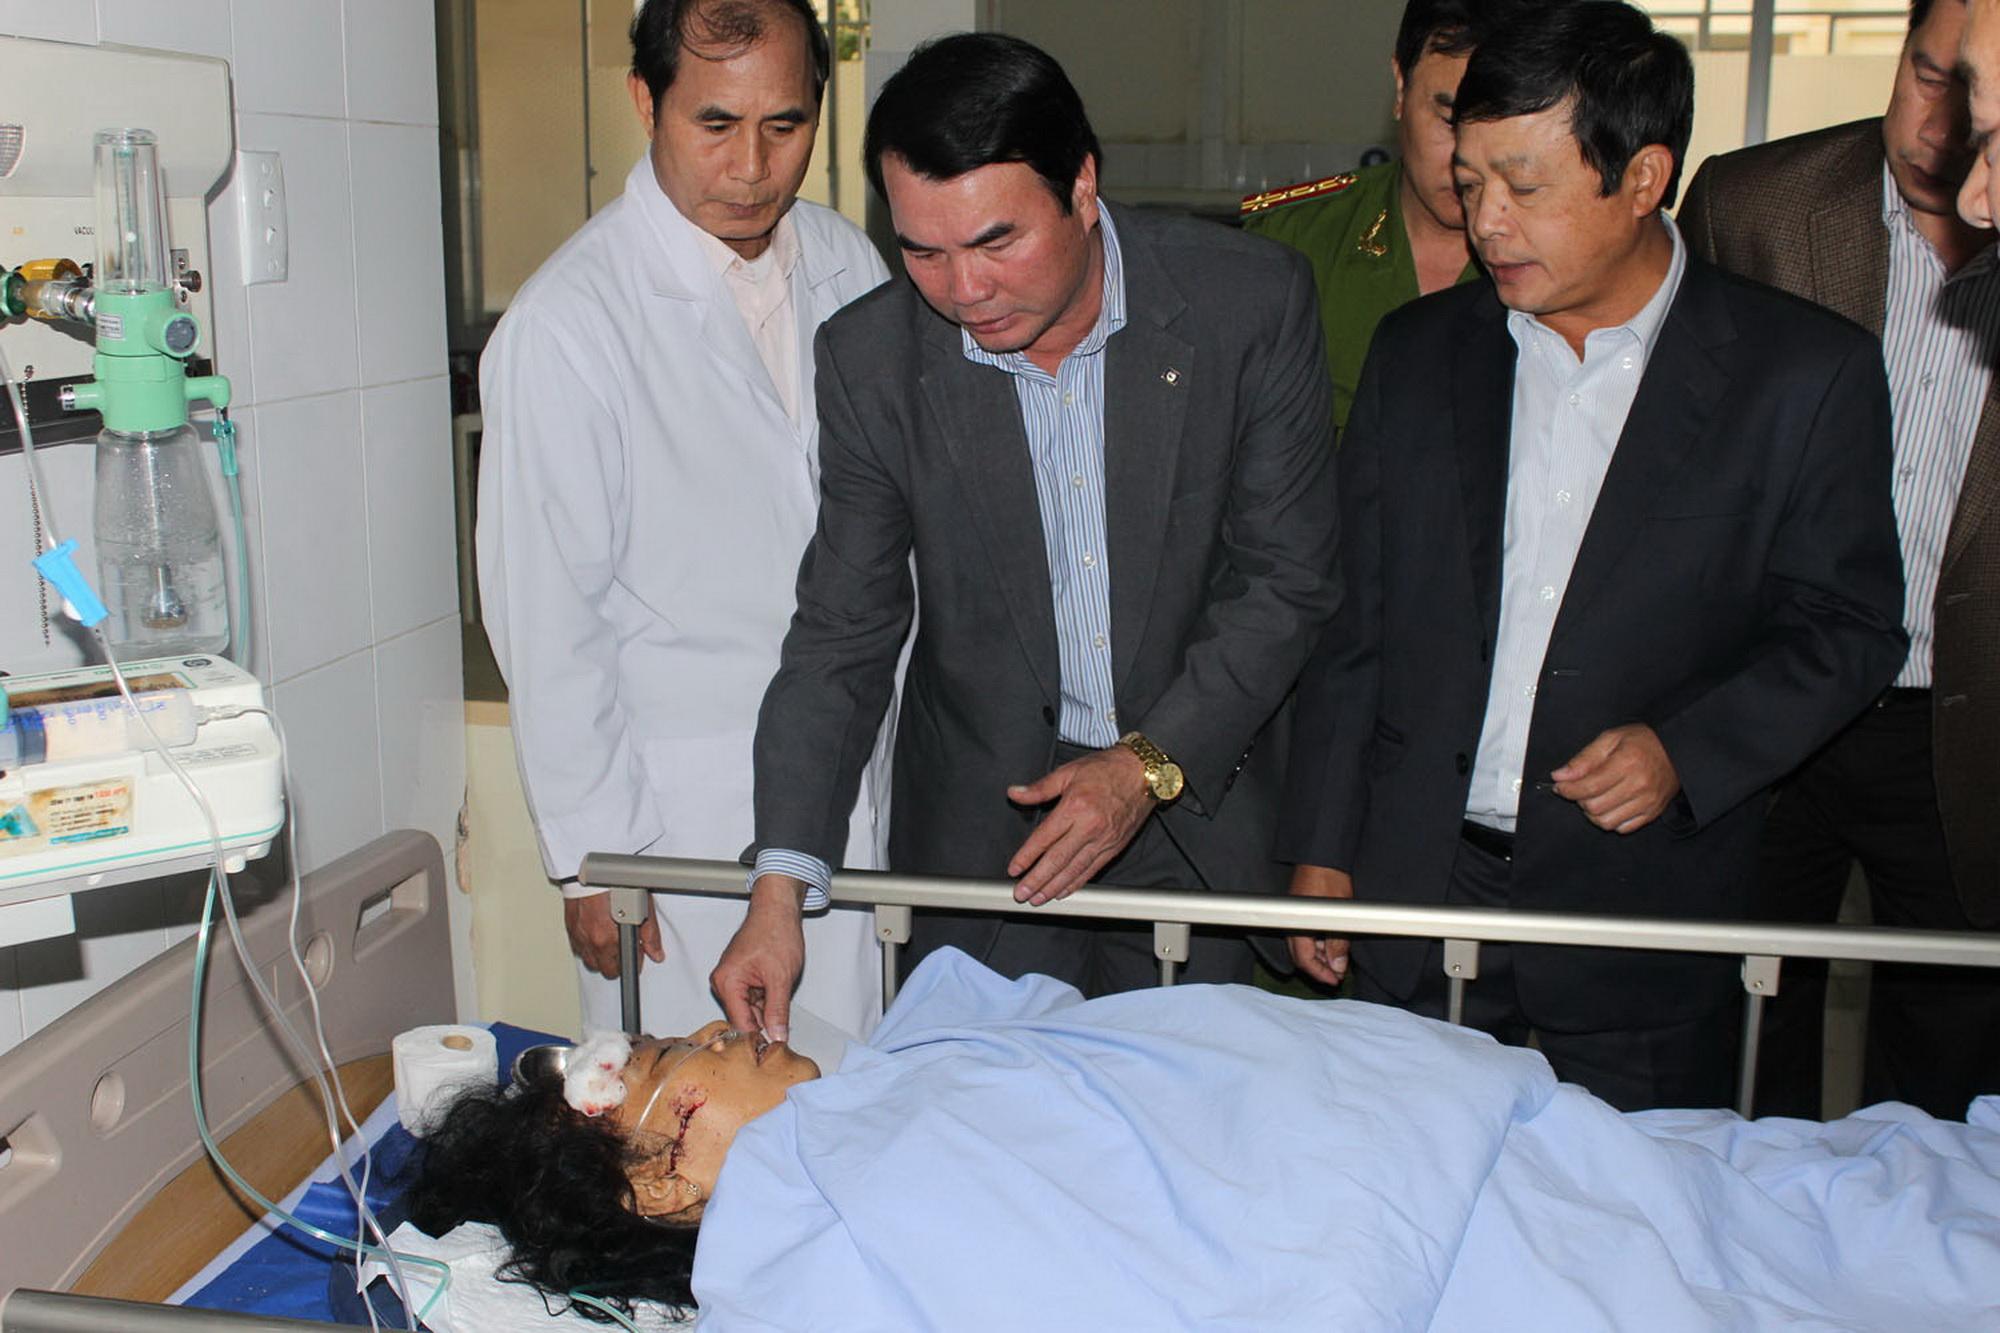 Lãnh đạo tỉnh Lâm Đồng thăm hỏi các nạn nhân trong vụ tai nạn